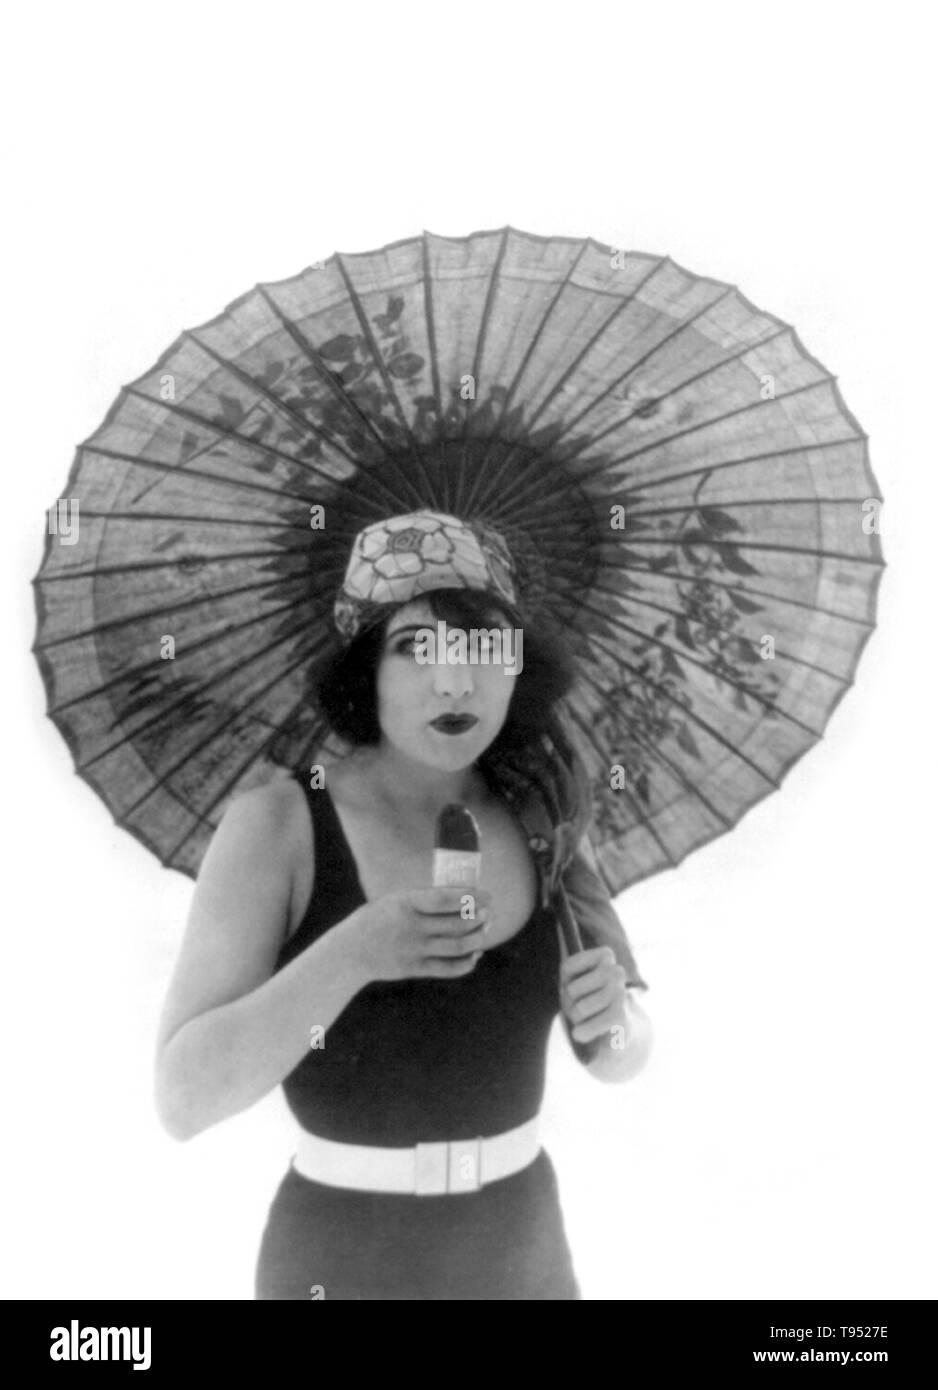 """Intitolato: """"Betty Compson con ombrellone, in costume da bagno, rivolta leggermente a destra, mangiare eschimese torta."""" Betty Compson (Marzo 19, 1897 - Aprile 18, 1974) è un actress americano e produttore di film. Più famosi in pellicole silenziose e inizio talkie, lei è il più noto nelle sue esibizioni nei Docks di New York e il Barker, quest'ultimo a guadagnare una nomination per il premio Oscar per la migliore attrice. La sua popolarità ha permesso di avere controllo creativo sul suo film come anche lei era in grado di produrre. Foto Stock"""